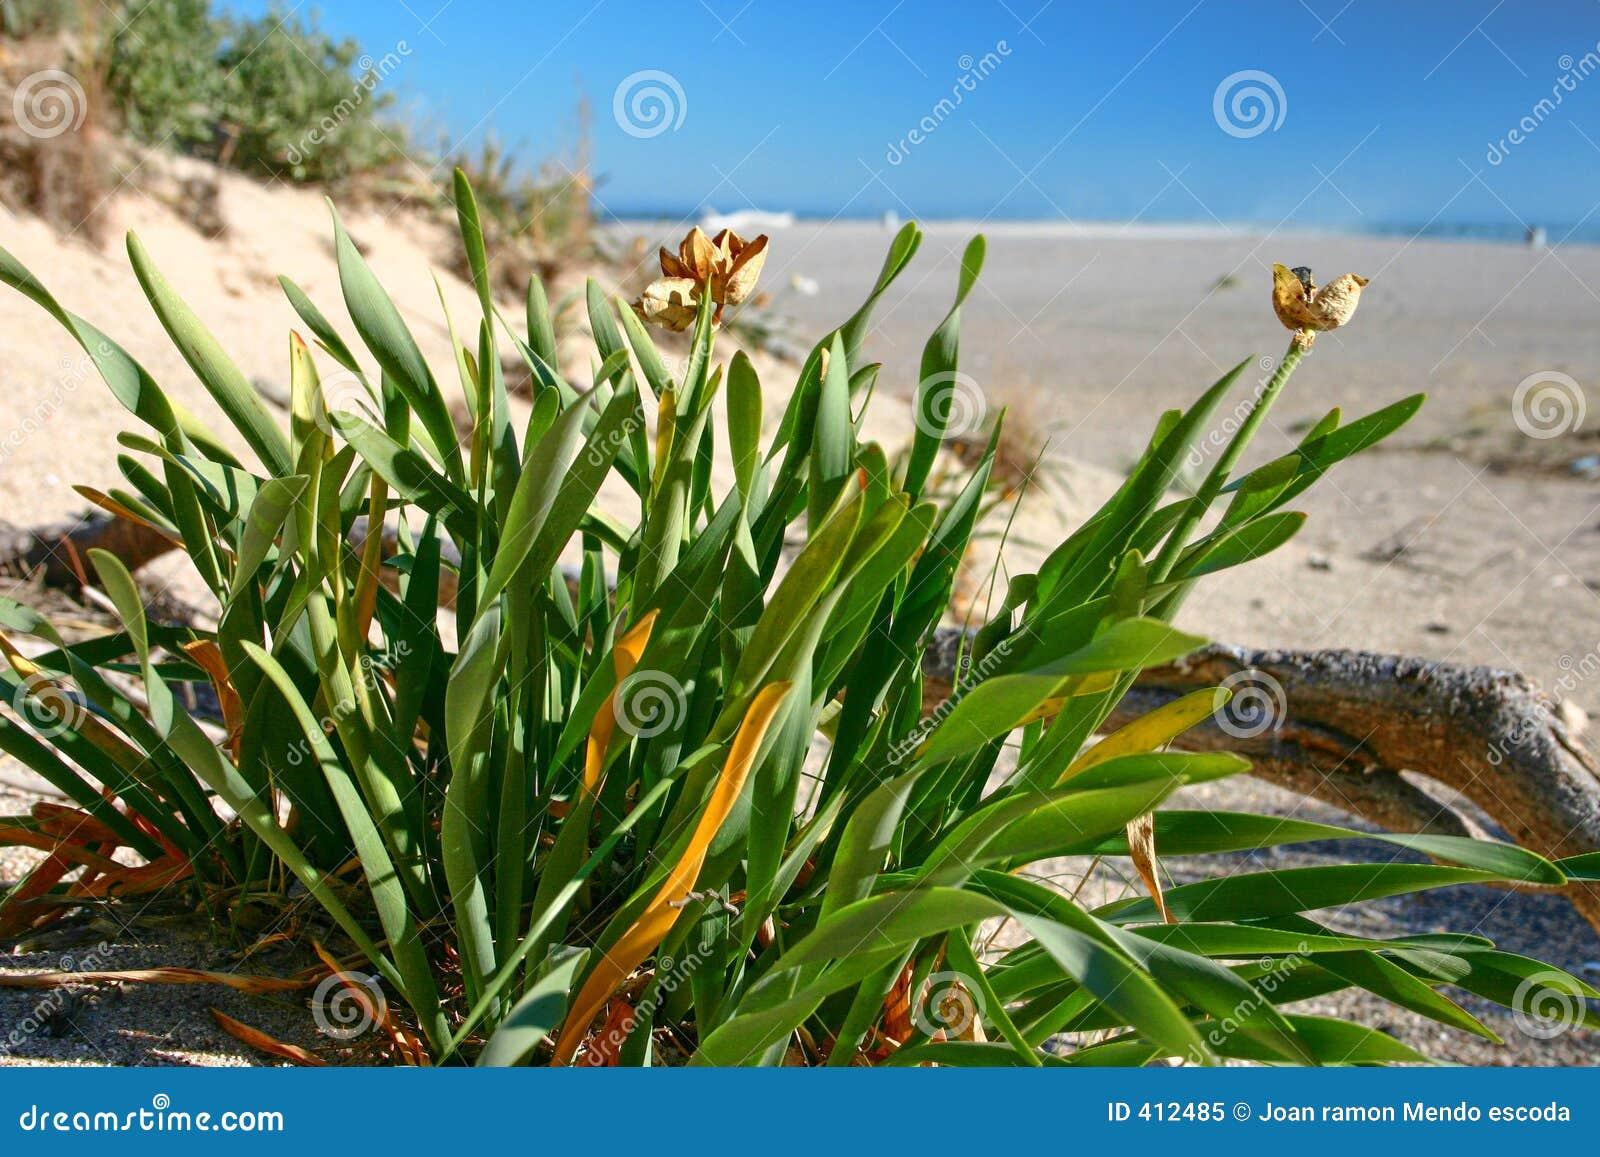 Plants on a beach